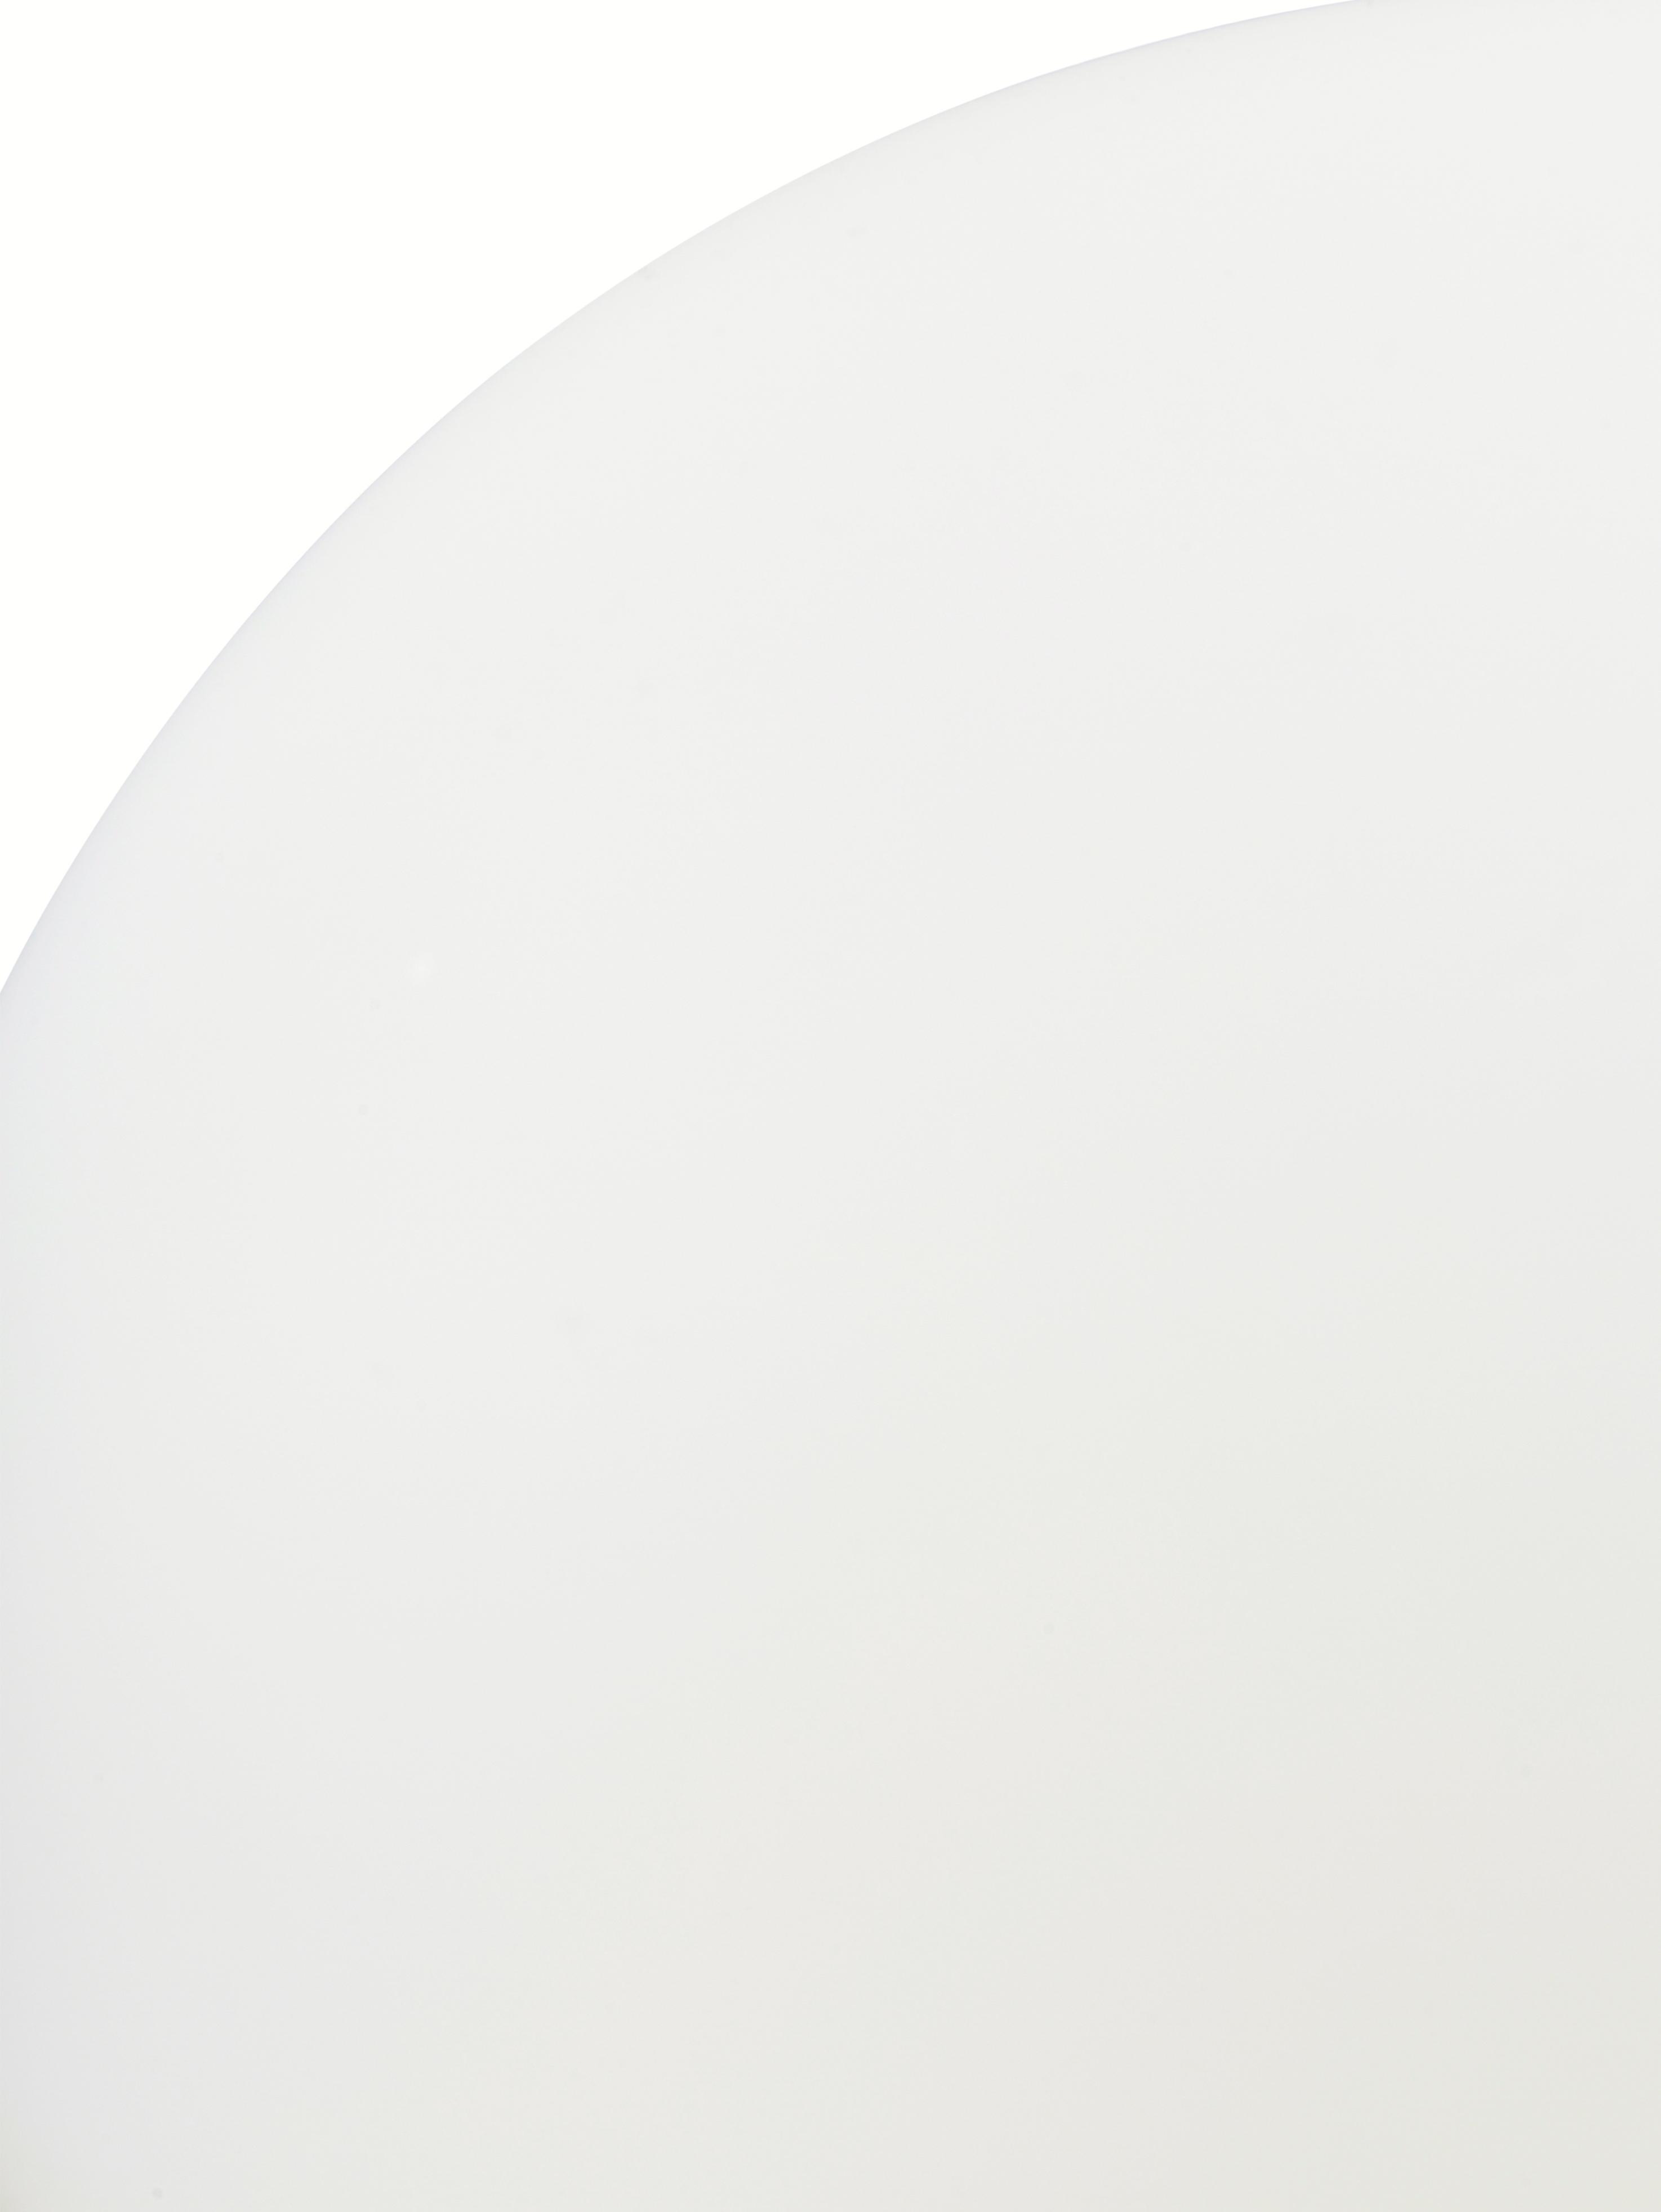 Lampada da tavolo in vetro opale Alton, Base della lampada: ottone, Ottone, bianco, Ø 20 x Alt. 29 cm